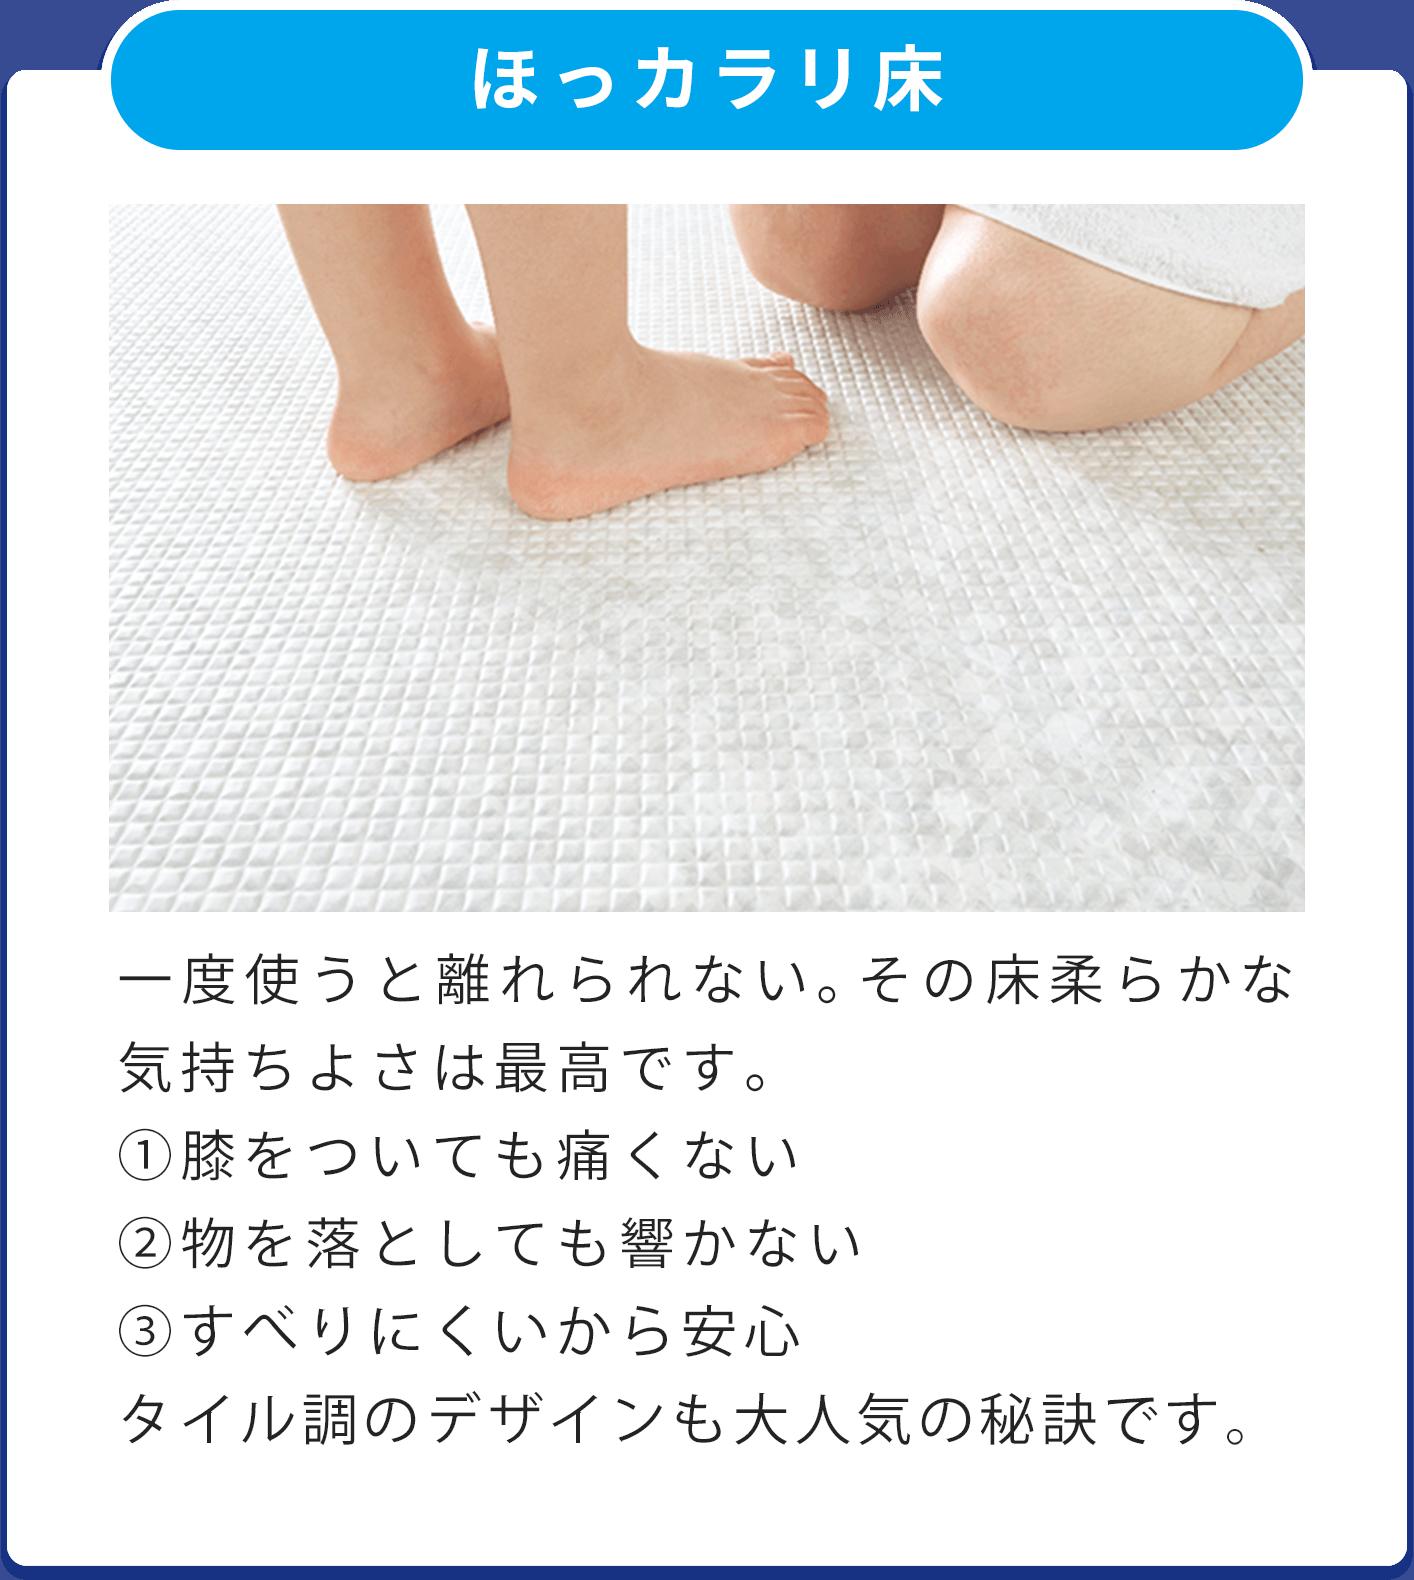 ほっカラリ床 一度使うと離れられない。その床柔らかな気持ちよさは最高です。 ①膝をついても痛くない ②物を落としても響かない ③すべりにくいから安心 タイル調のデザインも大人気の秘訣です。